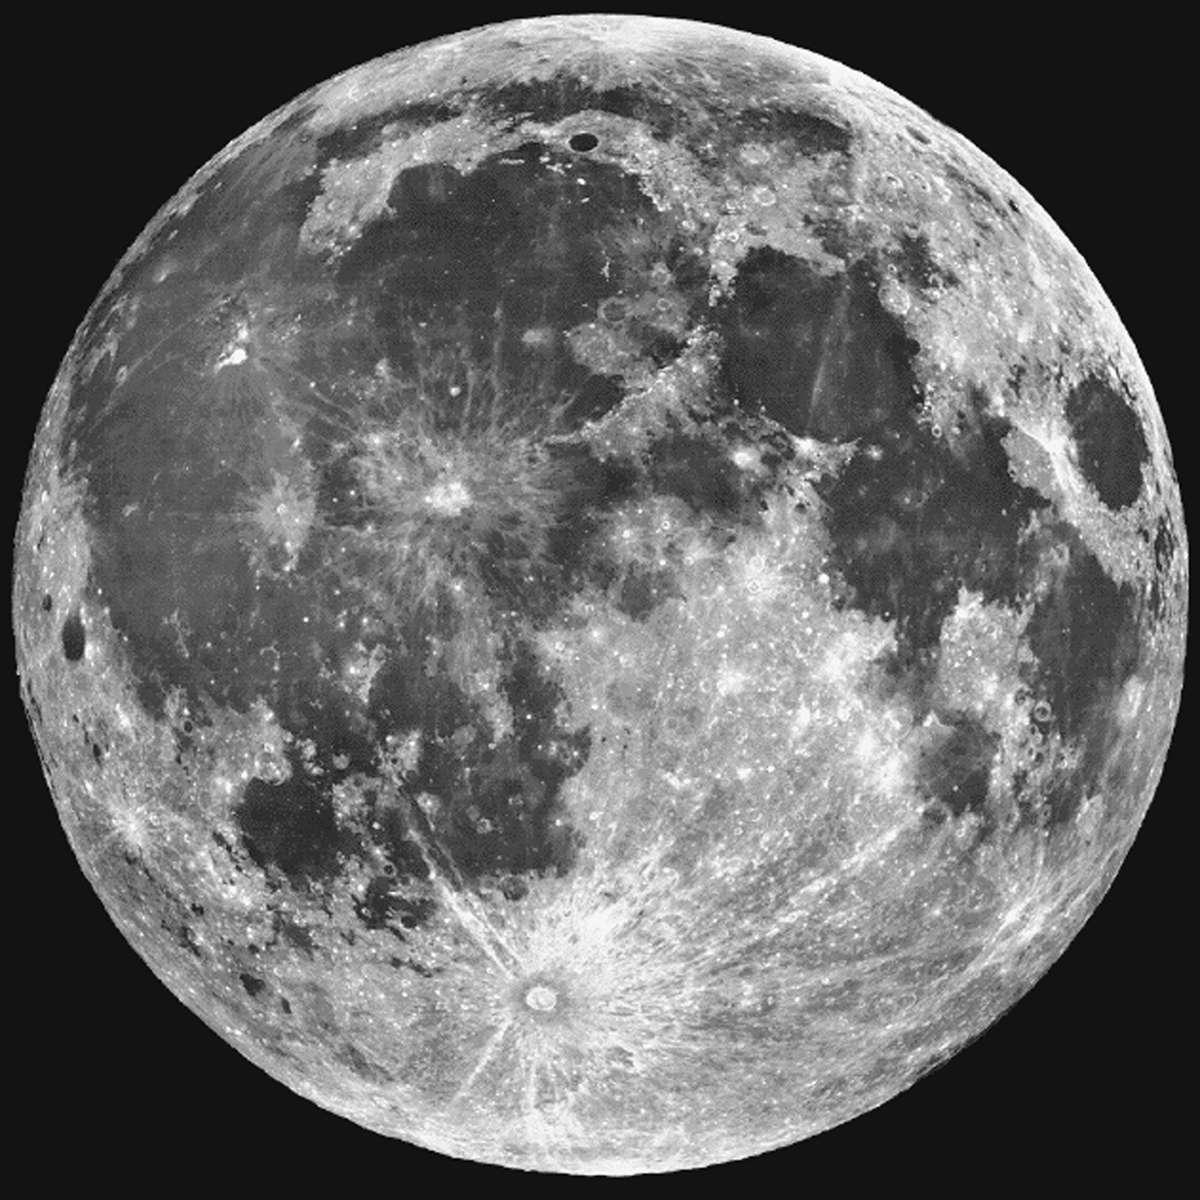 Lors de la Pleine Lune, les trajectoires de paquets de protons sont perturbées, il faut donc en tenir compte pour chasser le boson de Higgs. © Lick Observatory